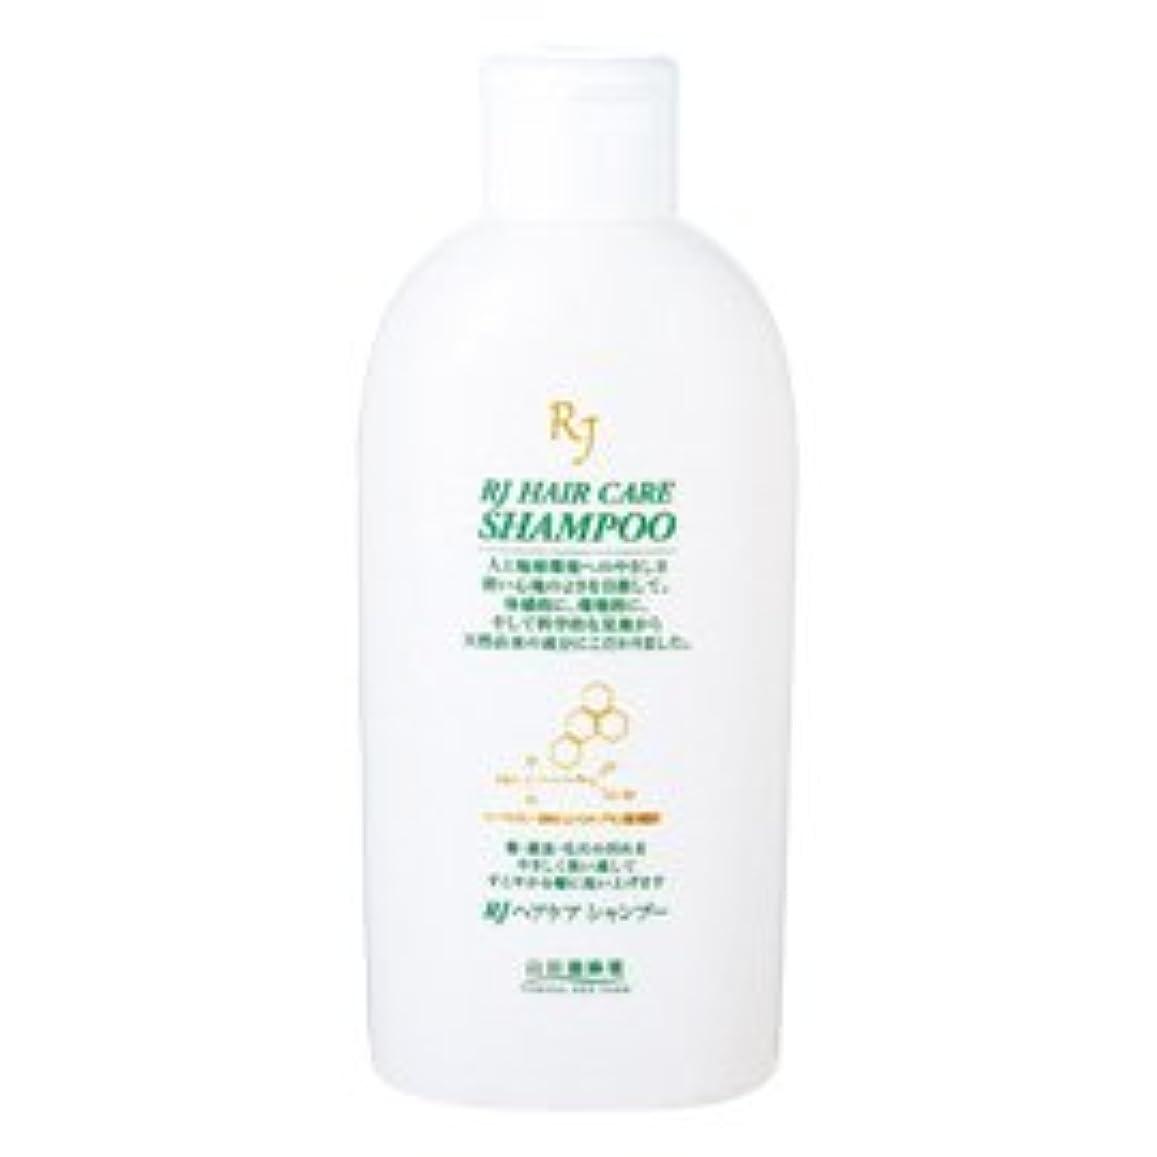 ハウジングコンパニオン汚すRJヘアケアシャンプー 300mL/Royal Jelly Hair Care Shampoo<300ml>